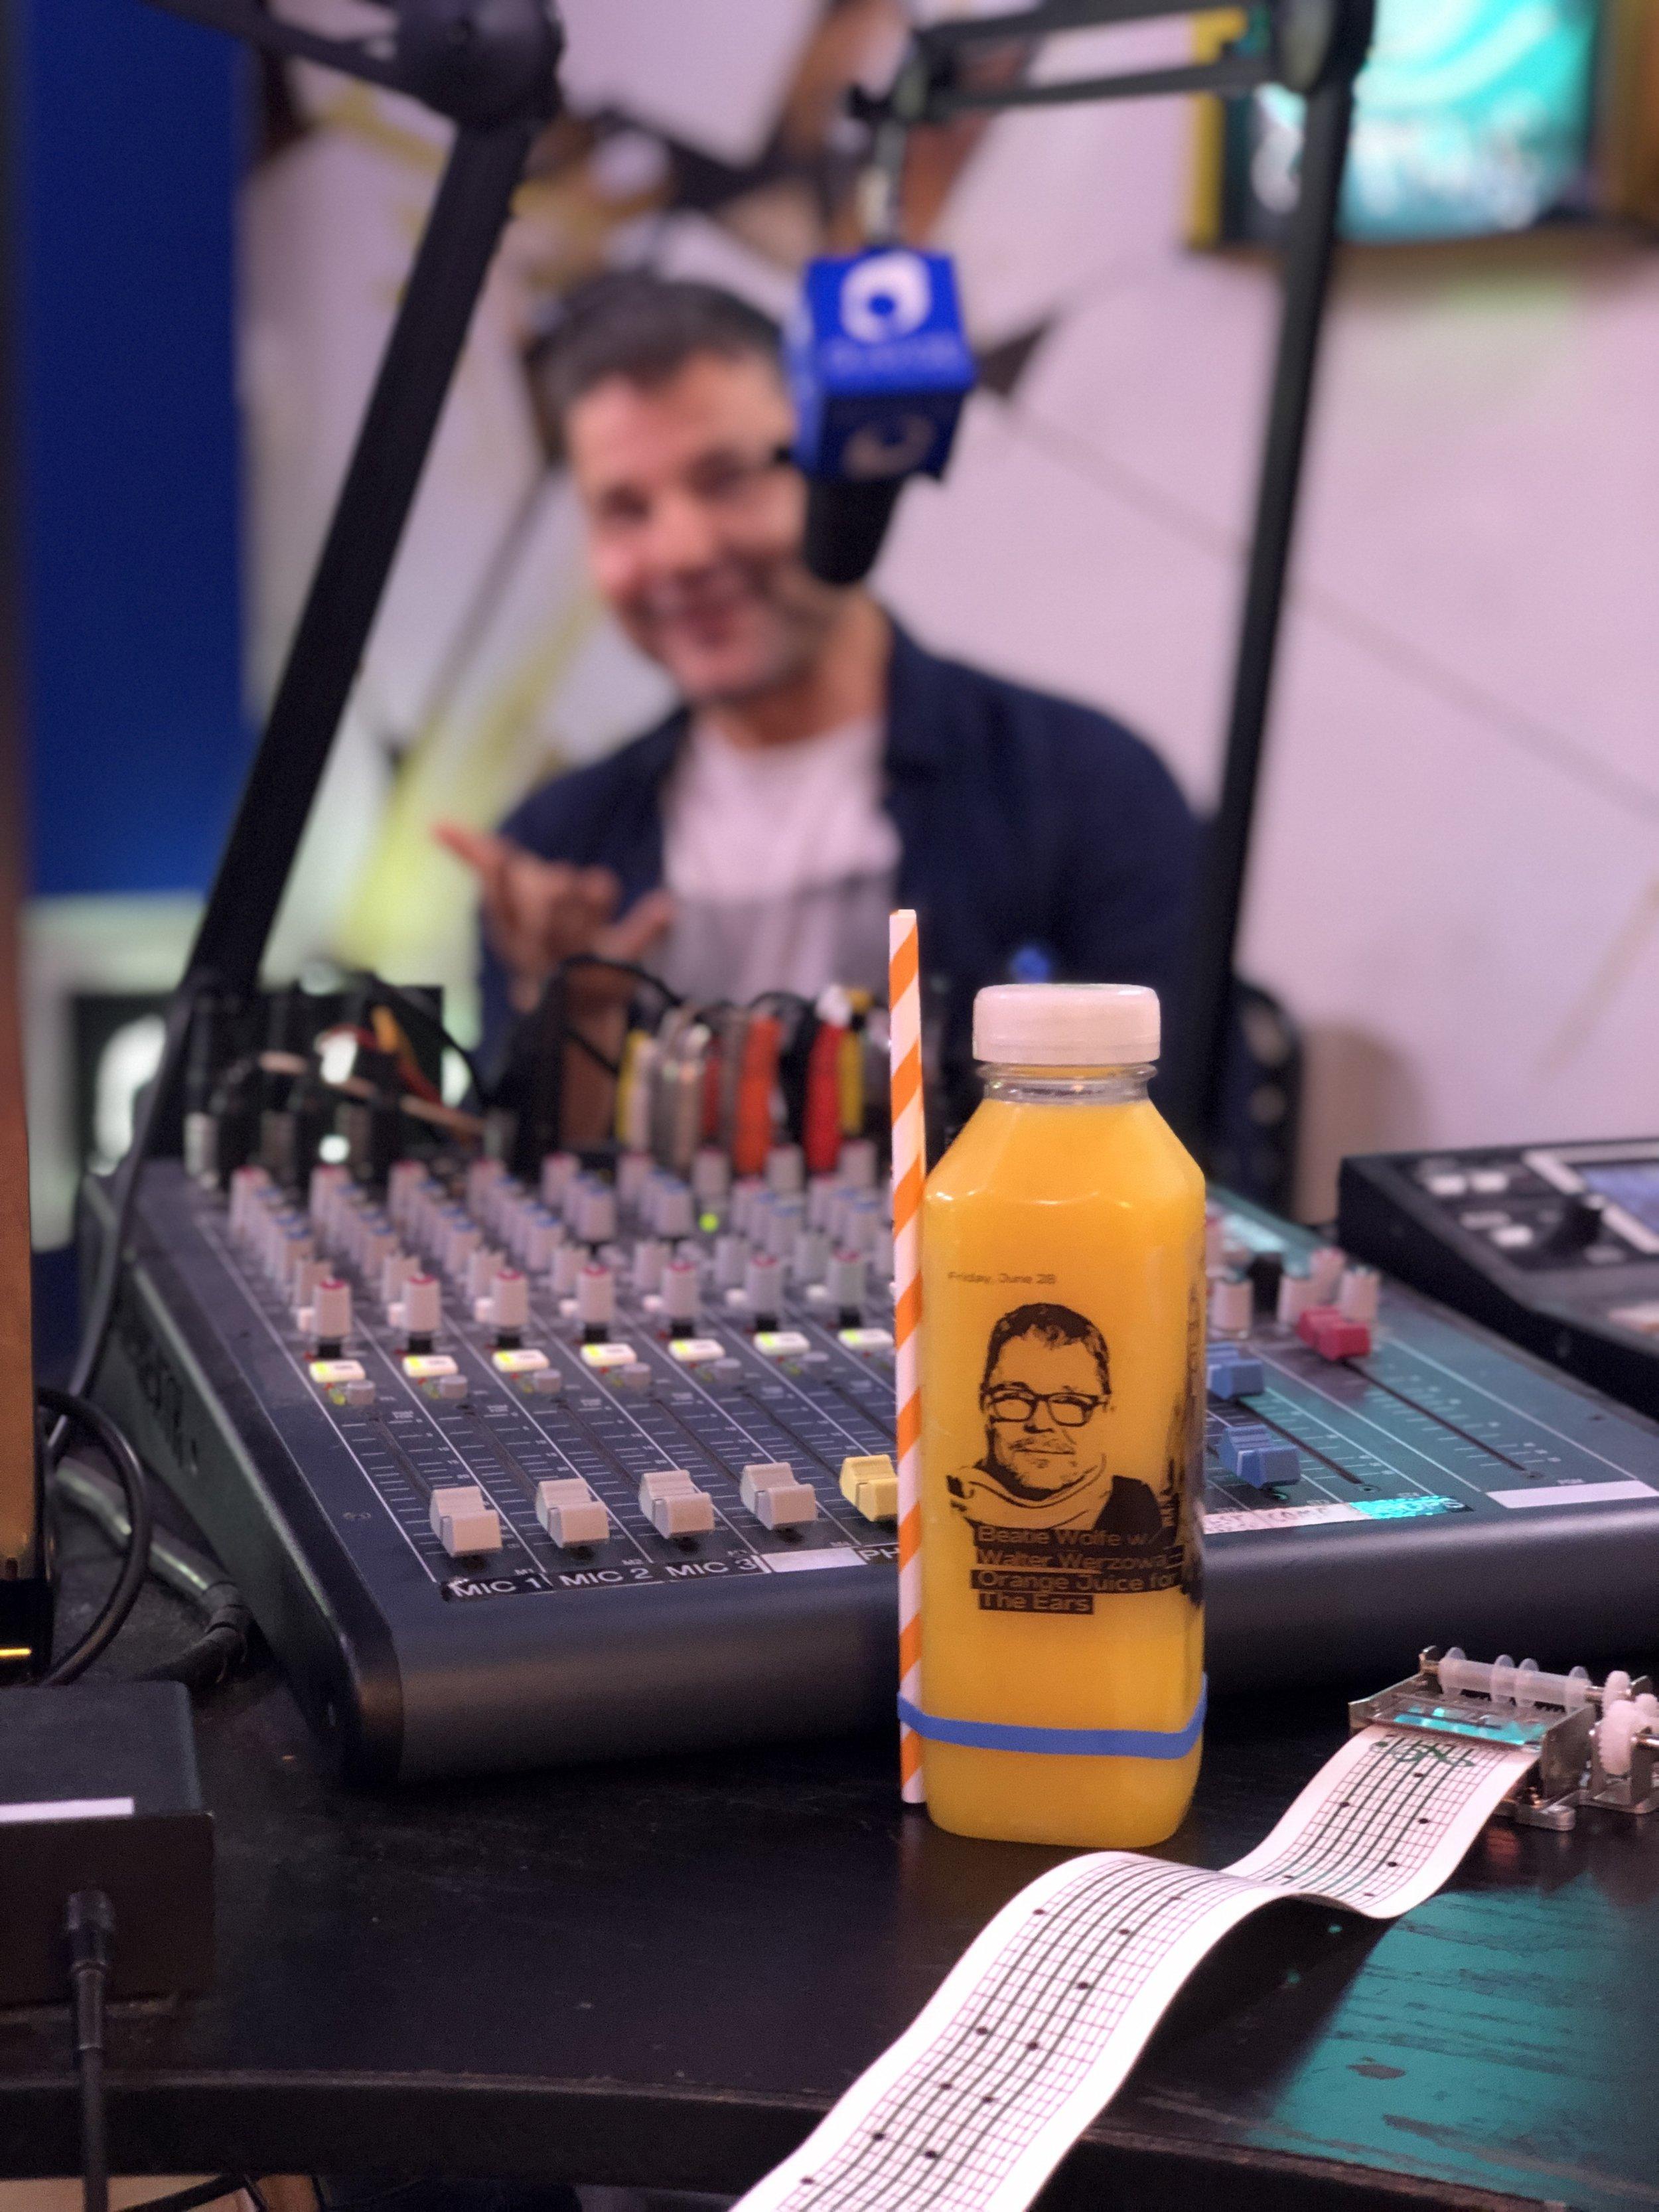 Walter Werzowa on Beatie Wolfe's dublab radio show